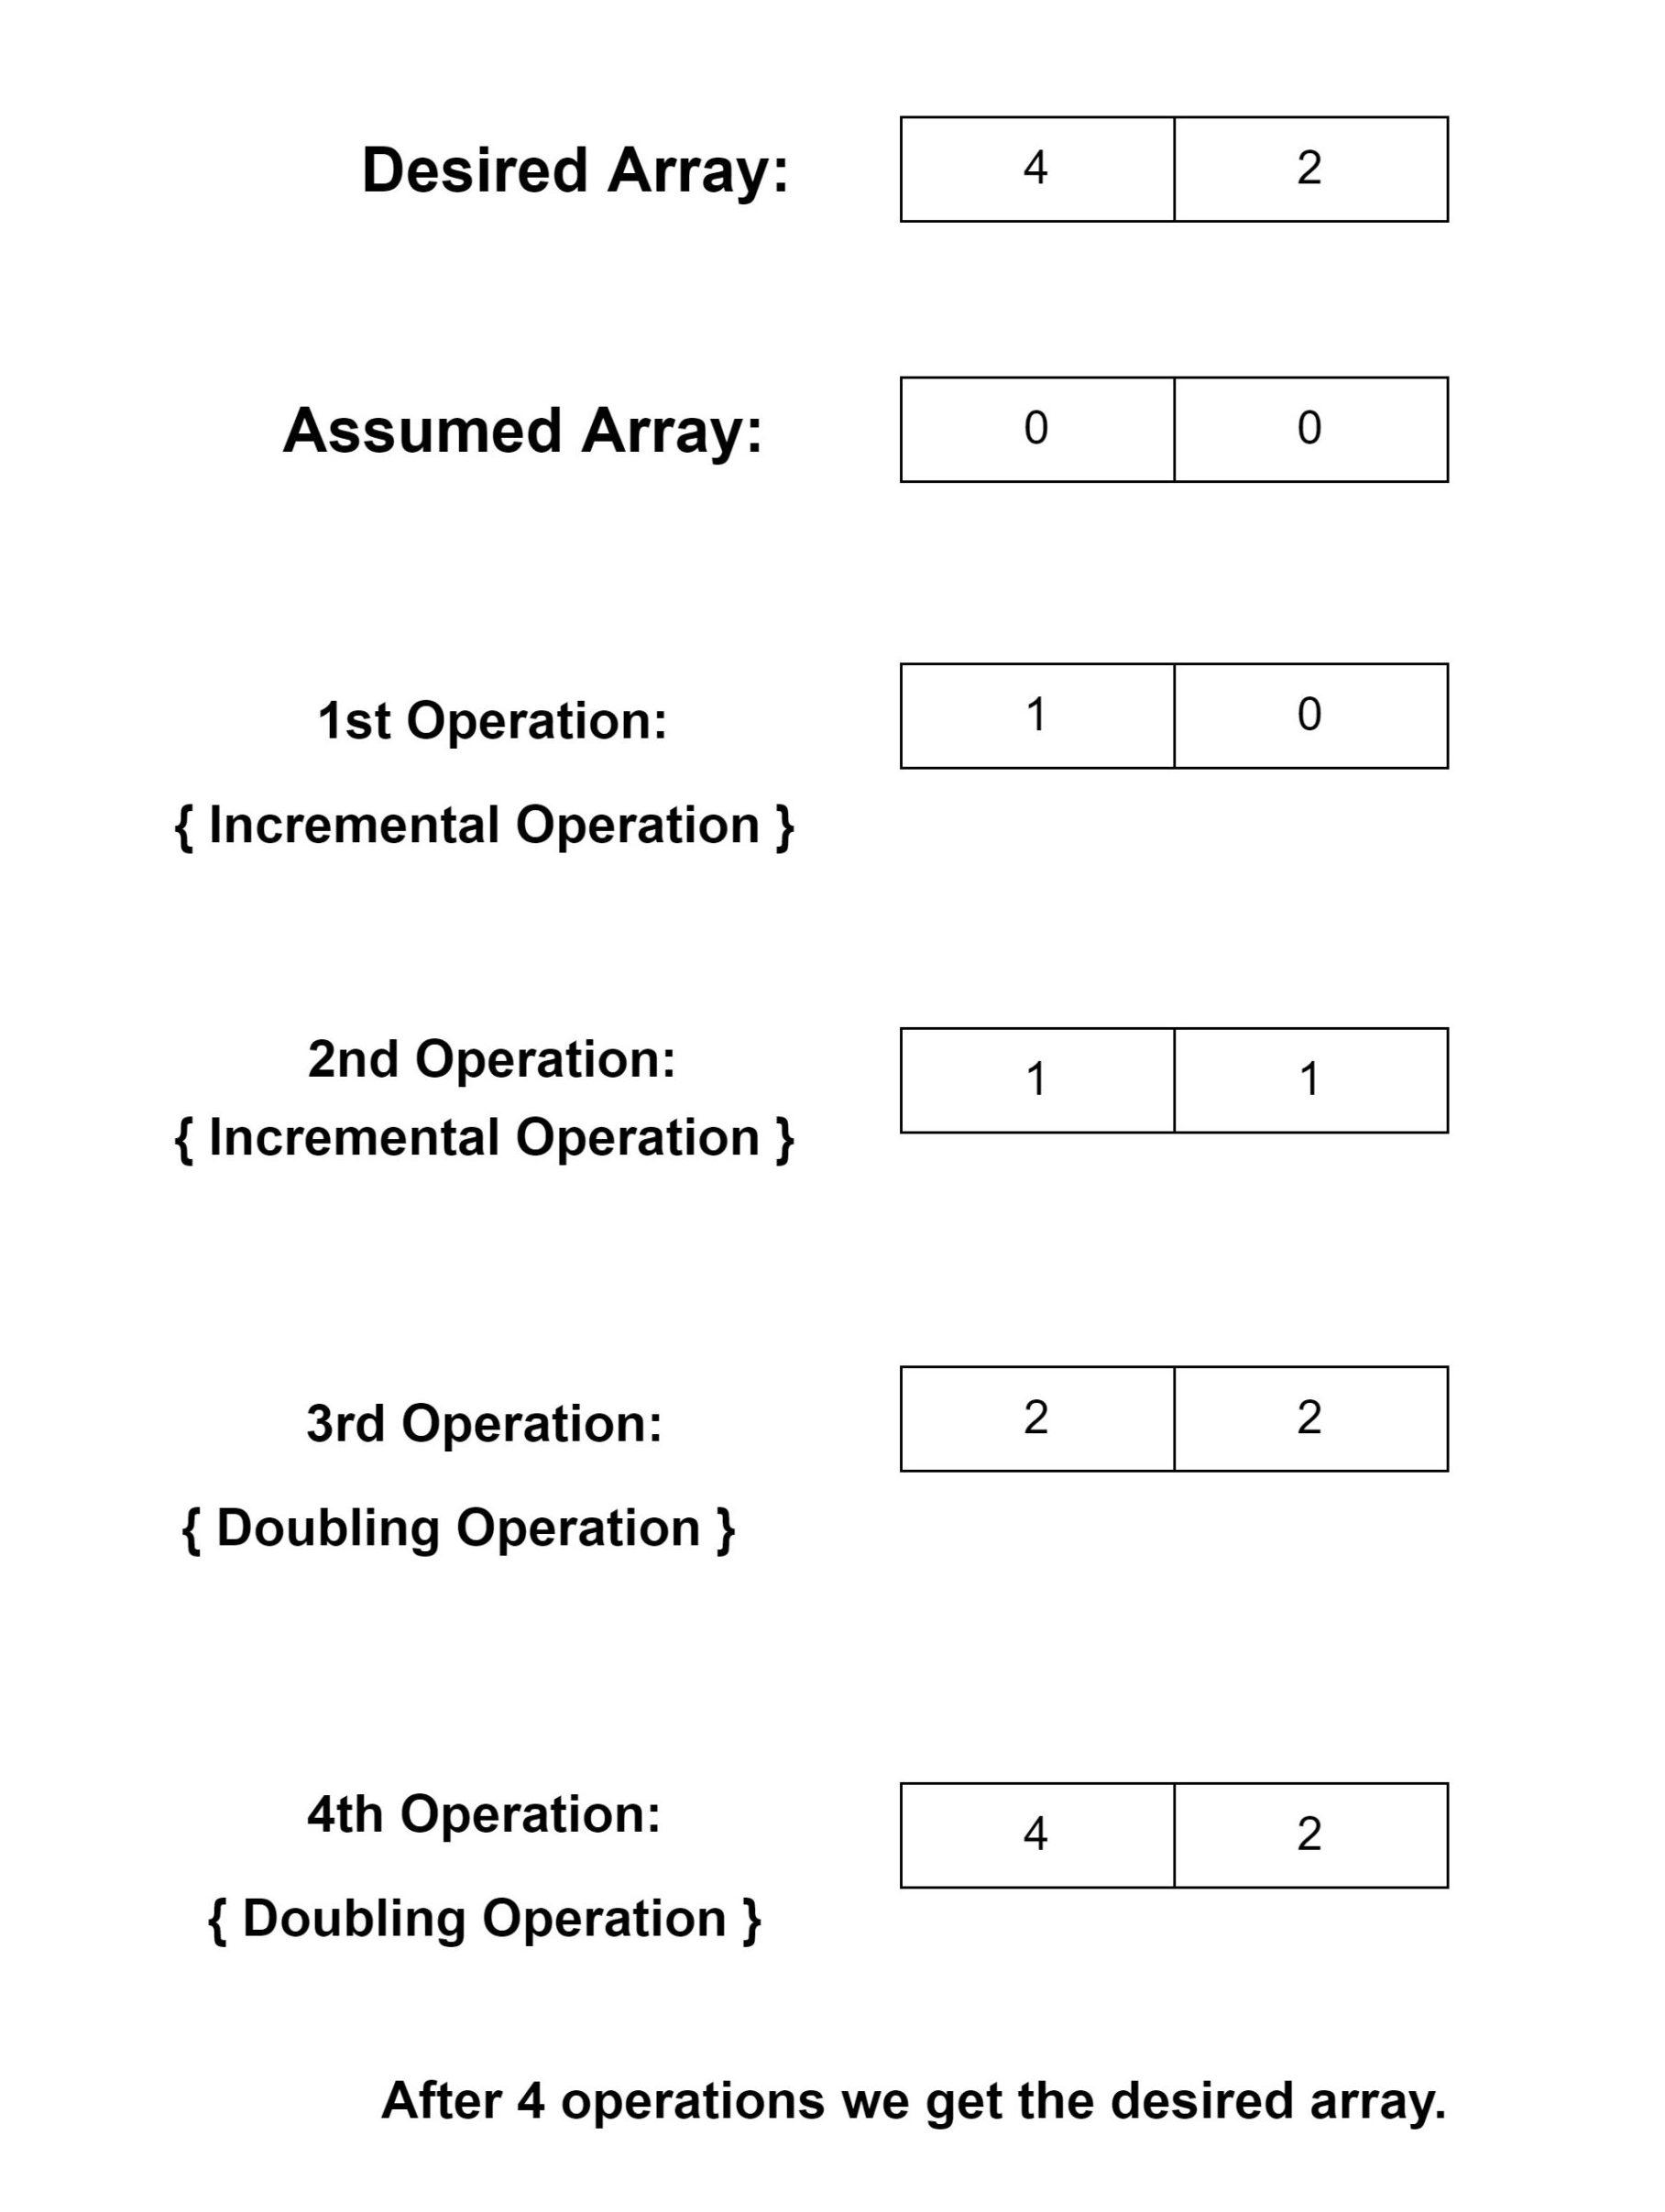 計算最小步數以獲得給定的所需數組